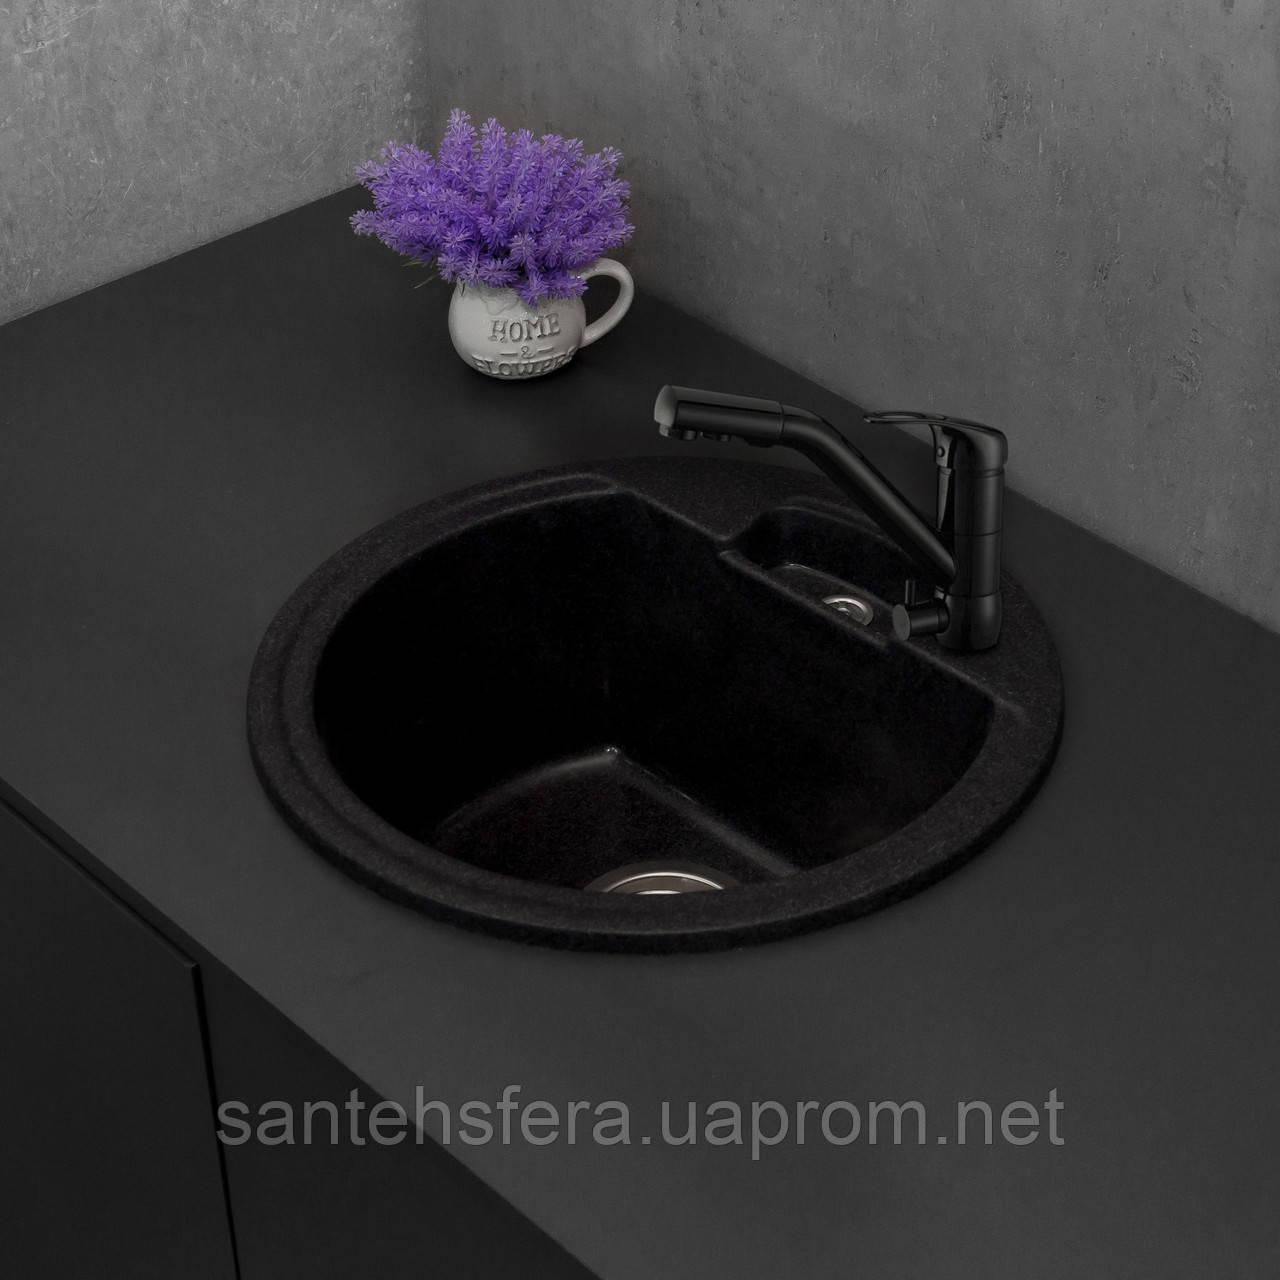 Кухонная мойка Fancy Marble Valencia, 108040004, цвет светло-черный